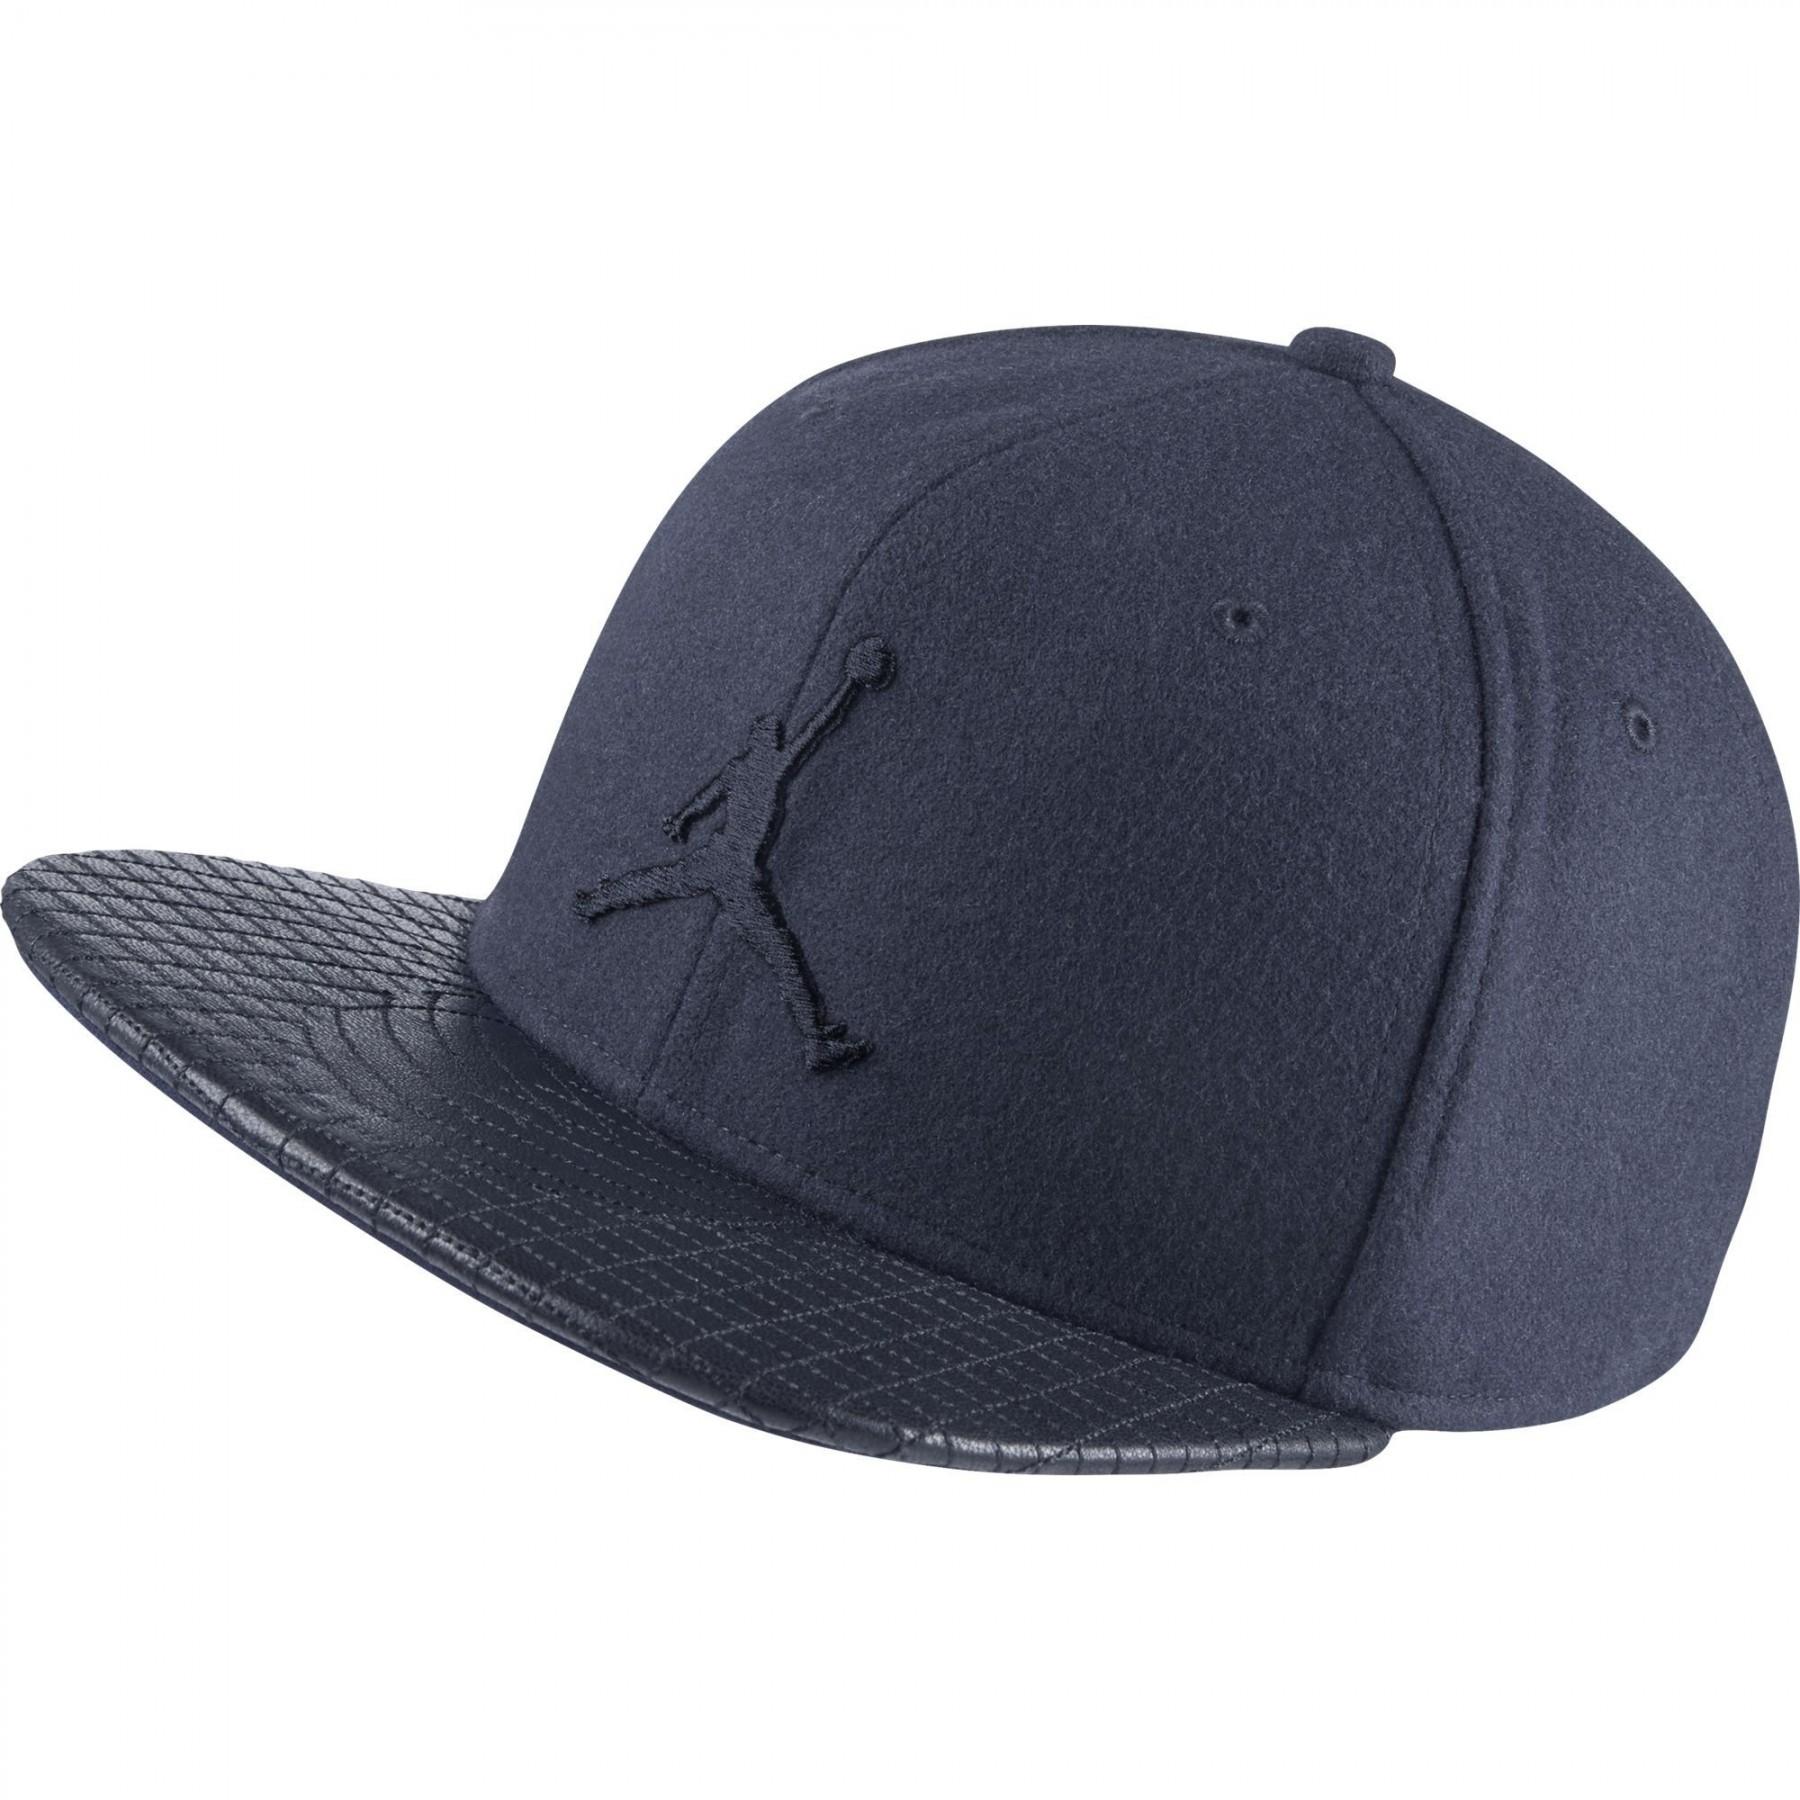 CAPPELLO STRAPBACK JORDAN 4 PREMIUM CAP NAVY  0157b0550b7